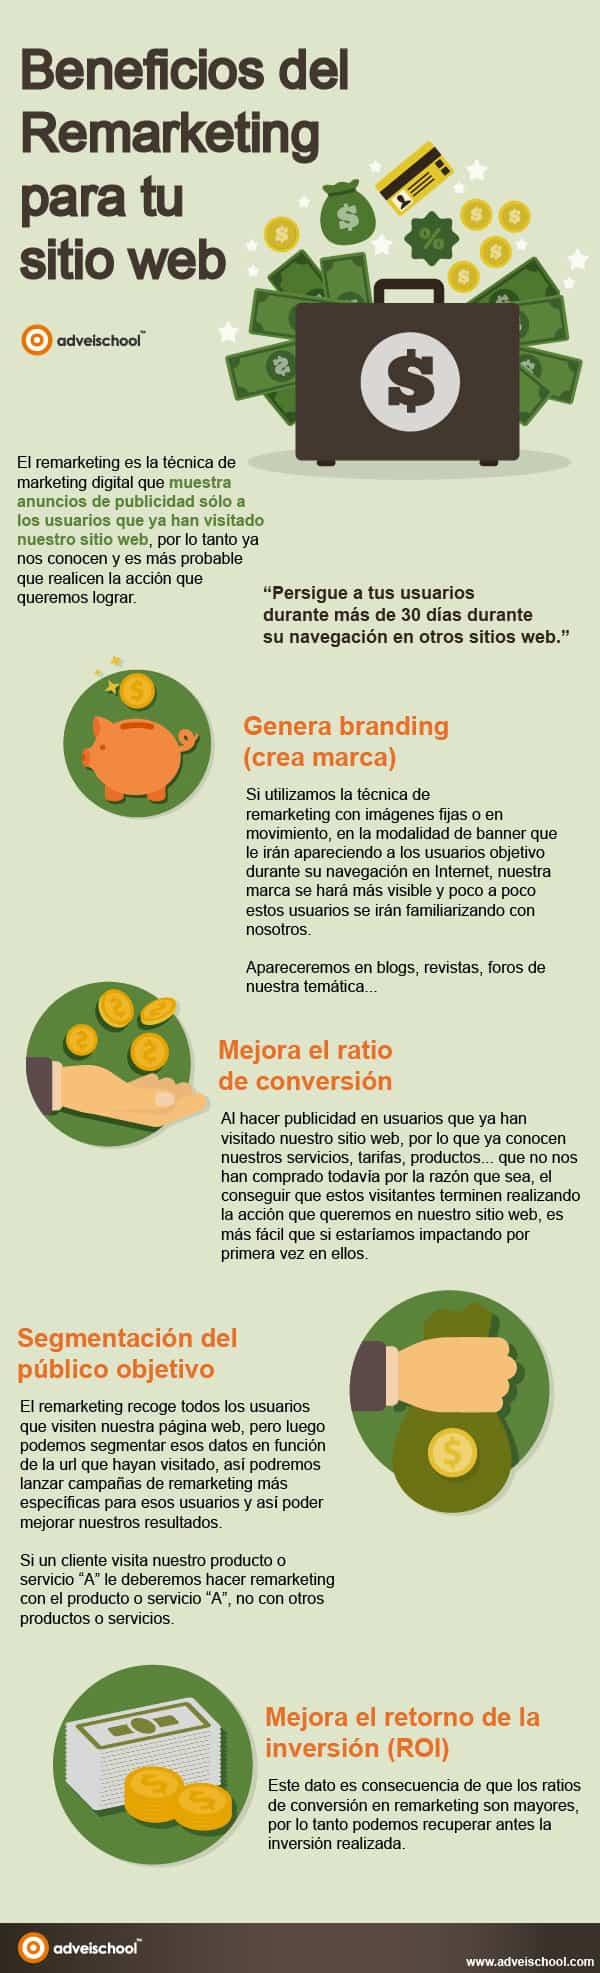 infografia remarketing